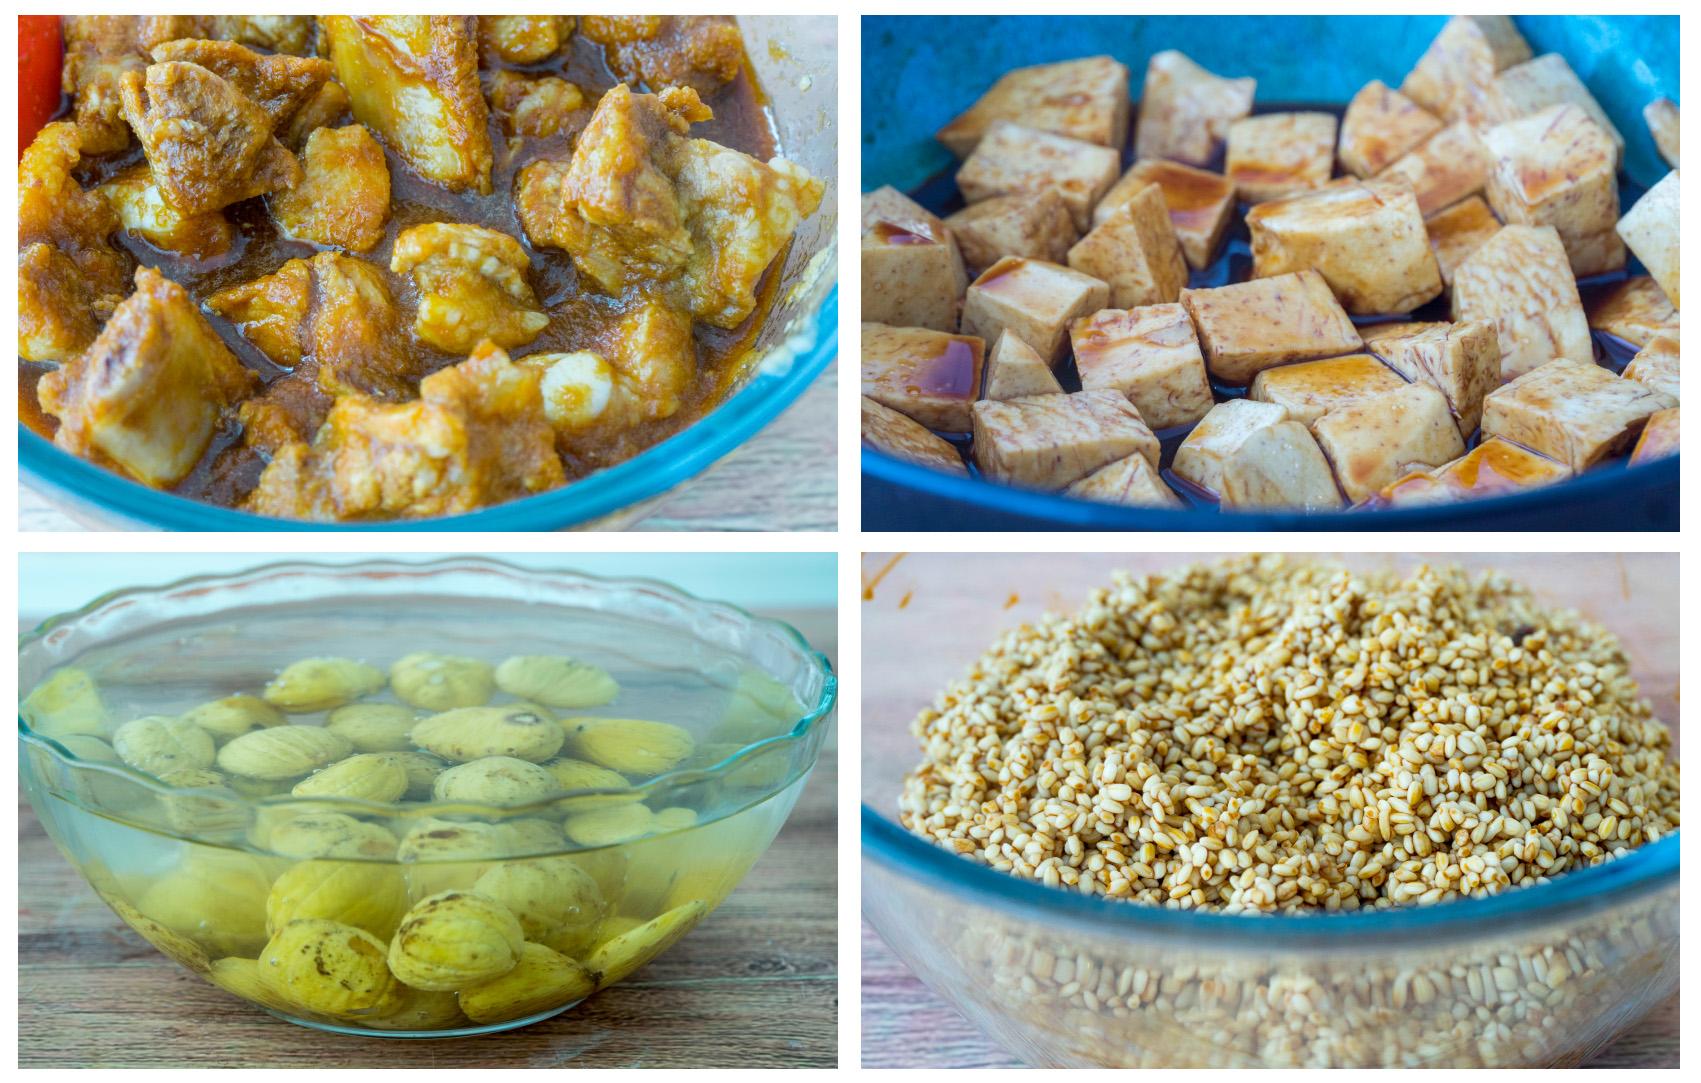 天热,糯米就要这样做,分享7种新做法,入口软糯鲜甜,孩子最爱 美食做法 第40张